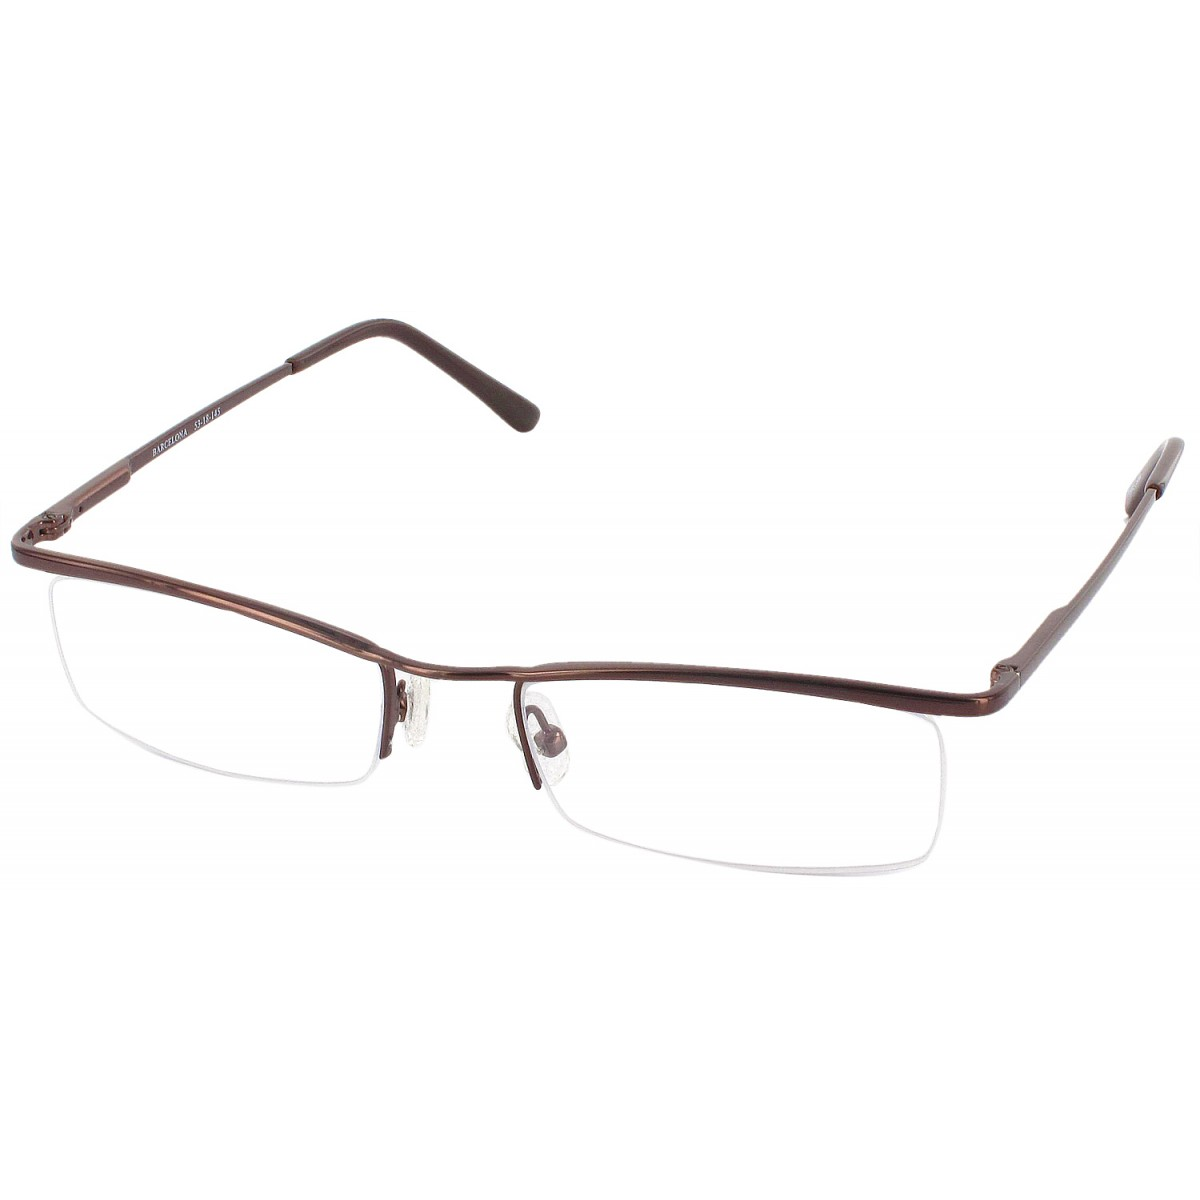 ReadingGlasses Barcelona Single Vision Full Frame - Bronze